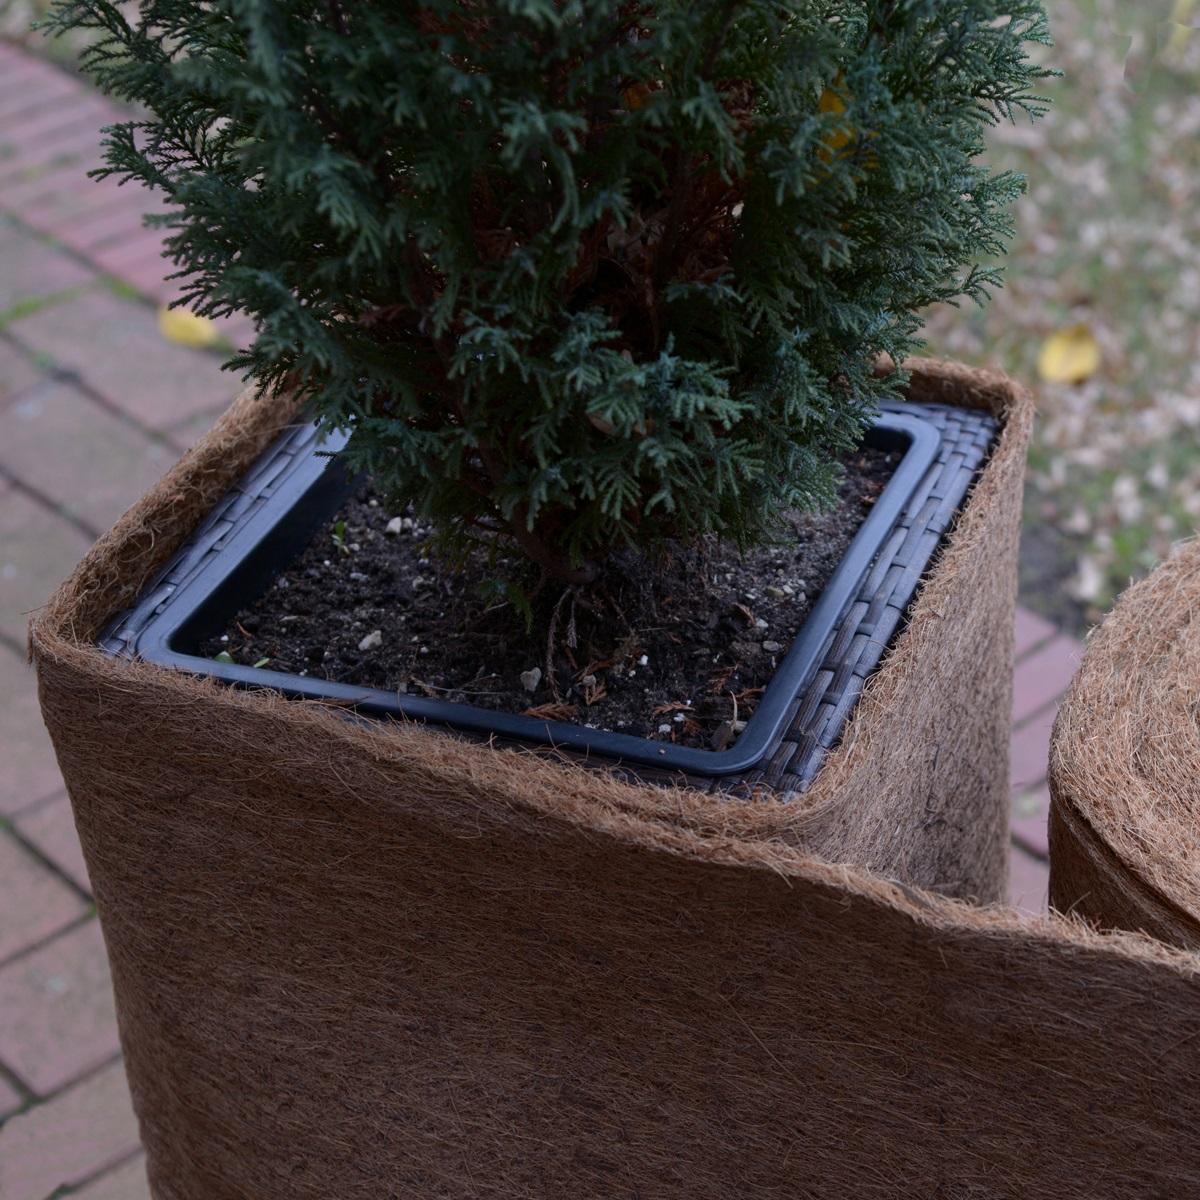 Kokosmatten - optimaler Winterschutz für Ihre Pflanzen